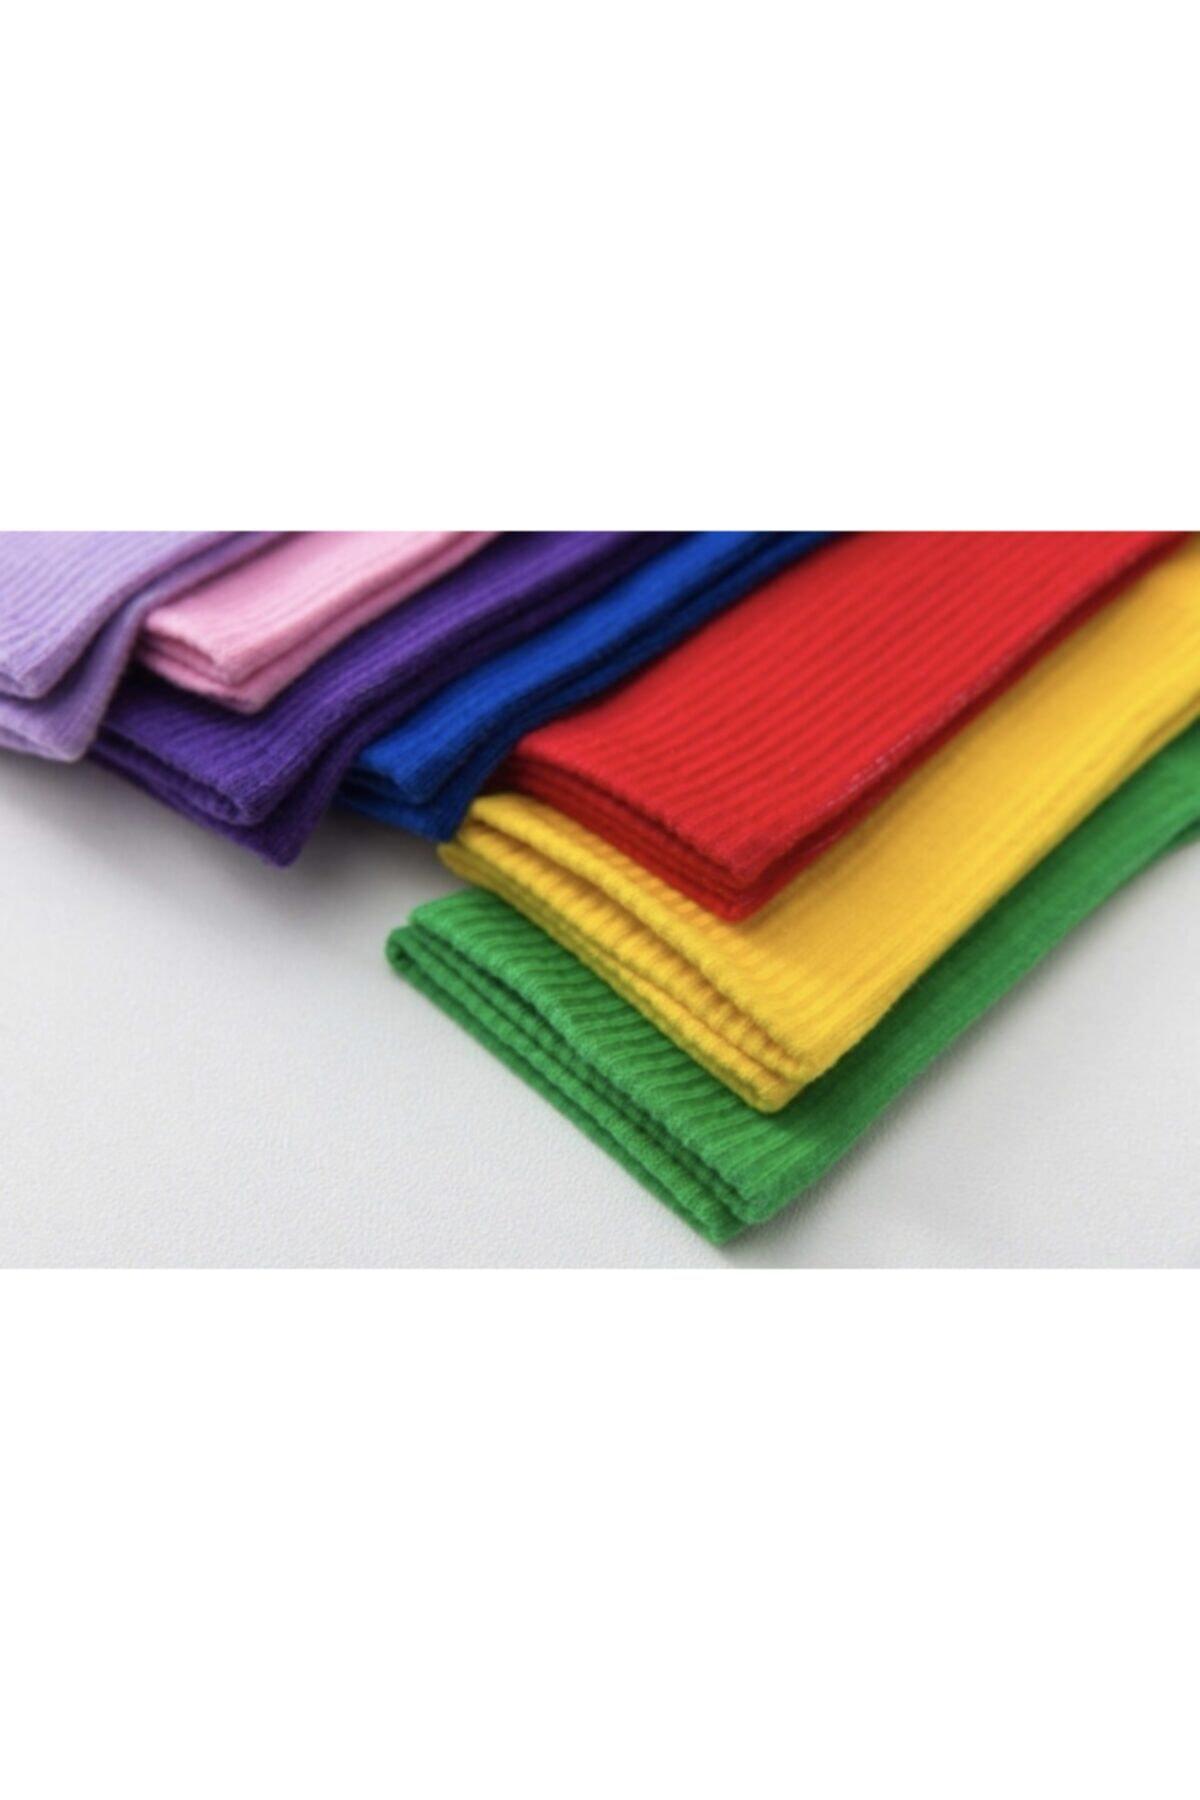 SOYTEMİZ ÇORAP Unisex Çok Renkli Kolej Çorap Düz 10 Çift 2